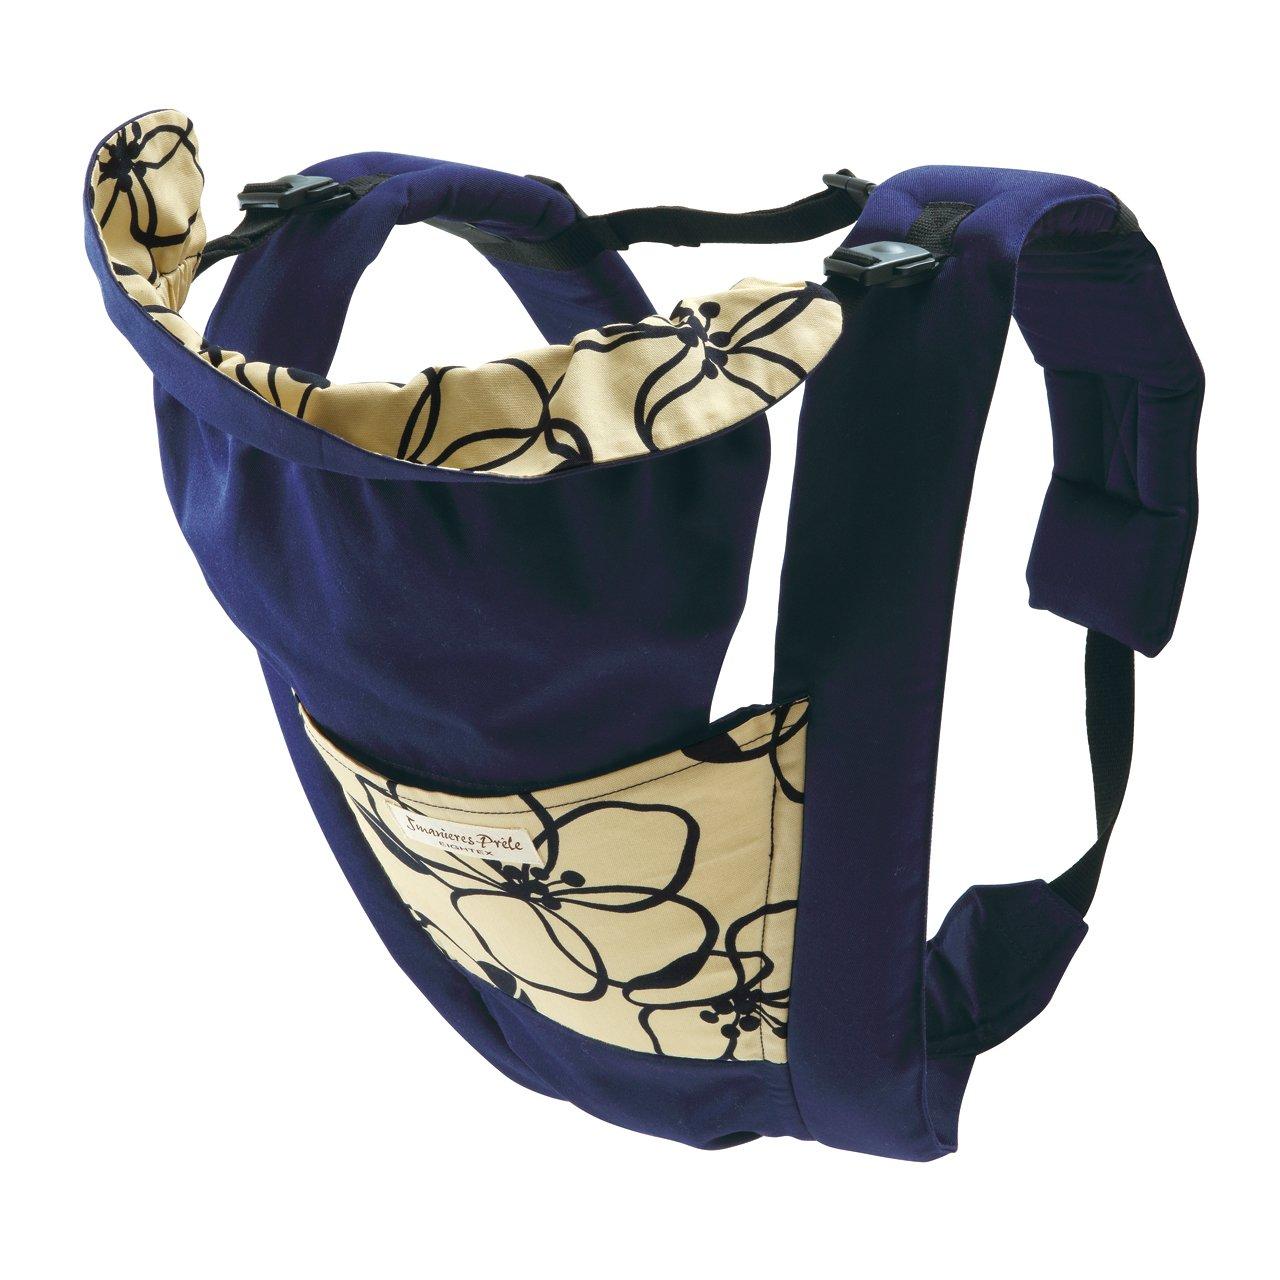 日本 Eightex 儿童背带 (适用年龄:0-3岁) 蓝色花纹